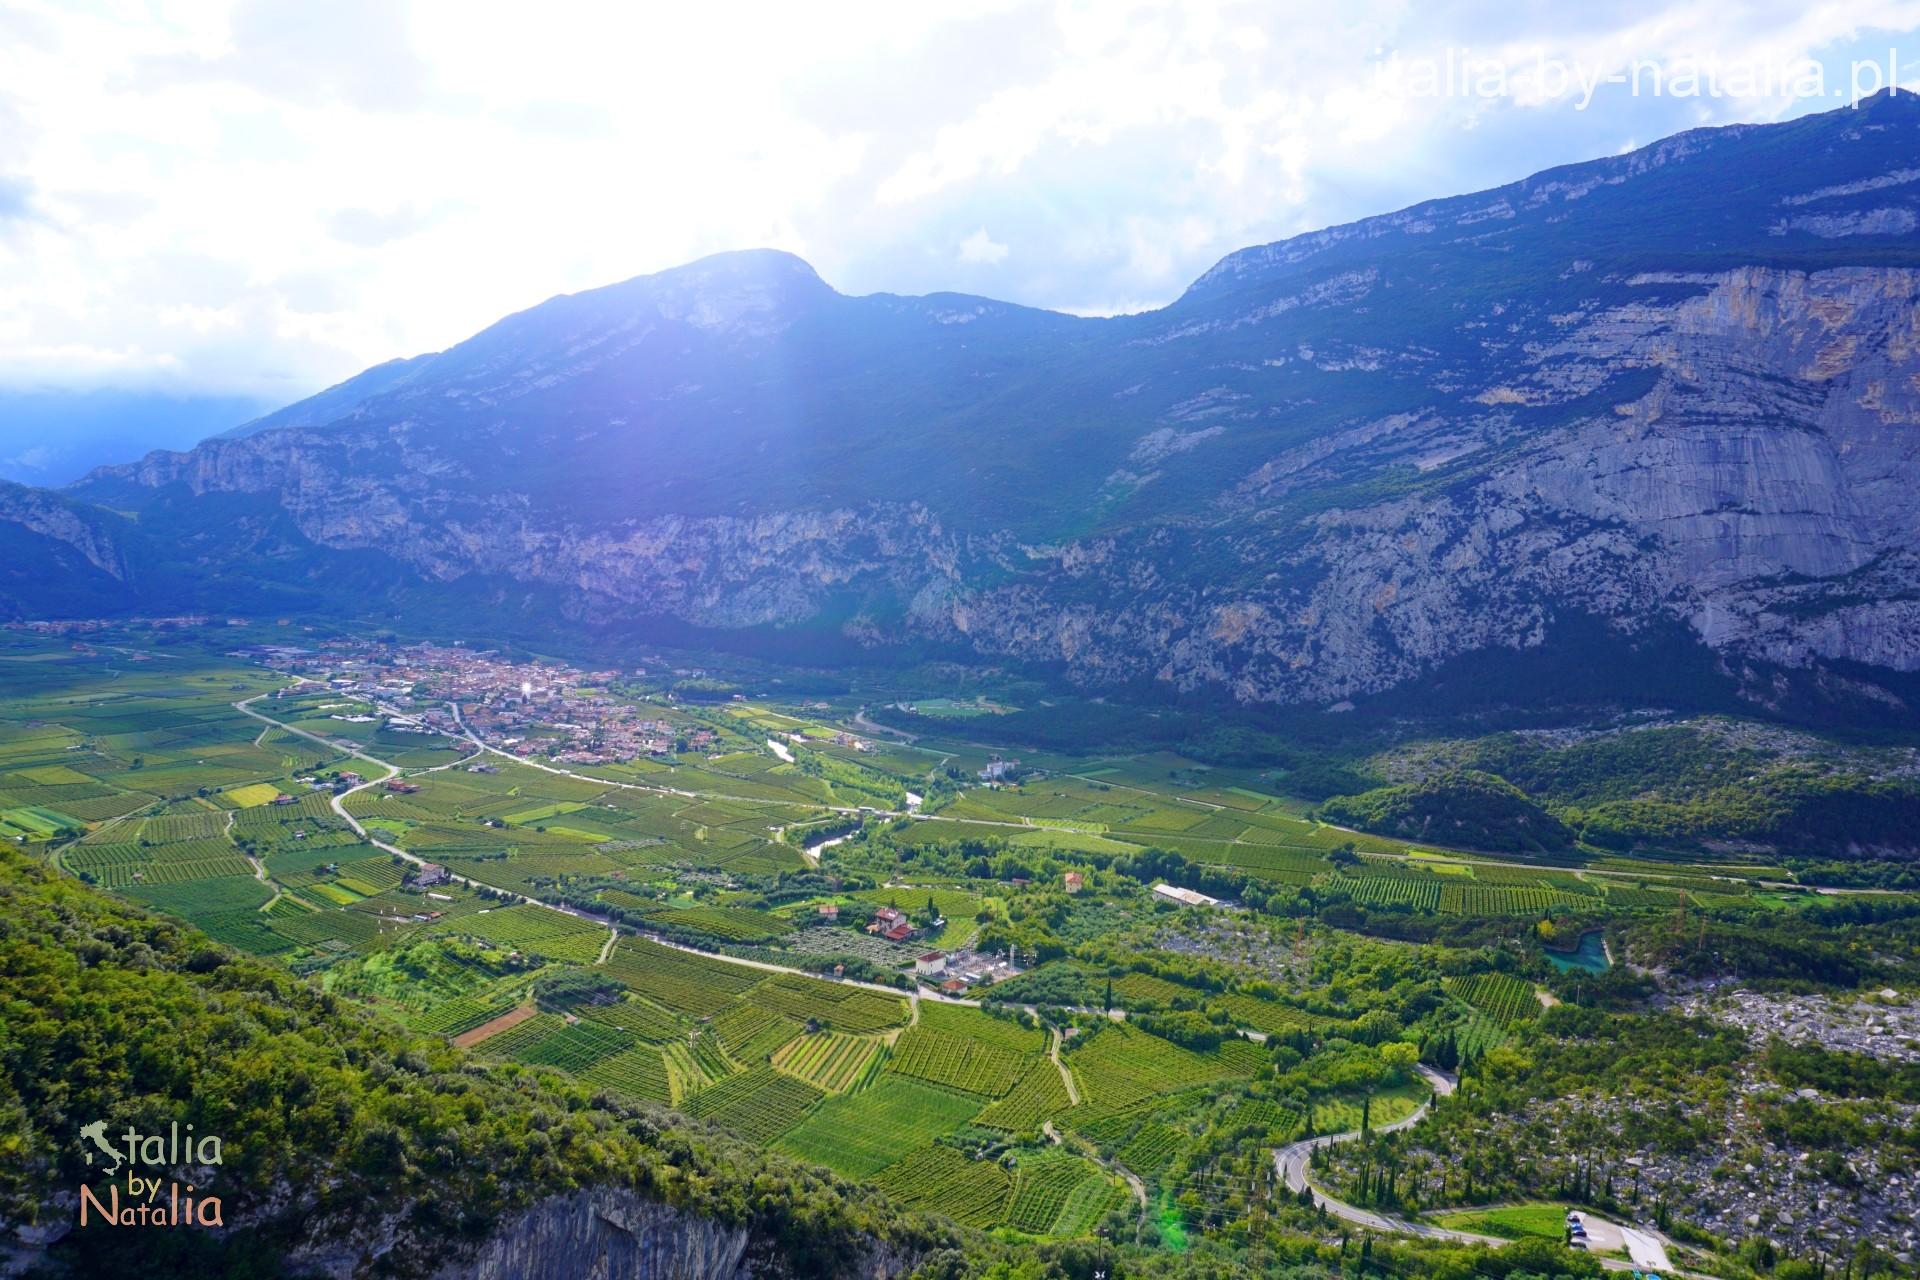 Dolina Rzeki Sarca Jezioro Garda